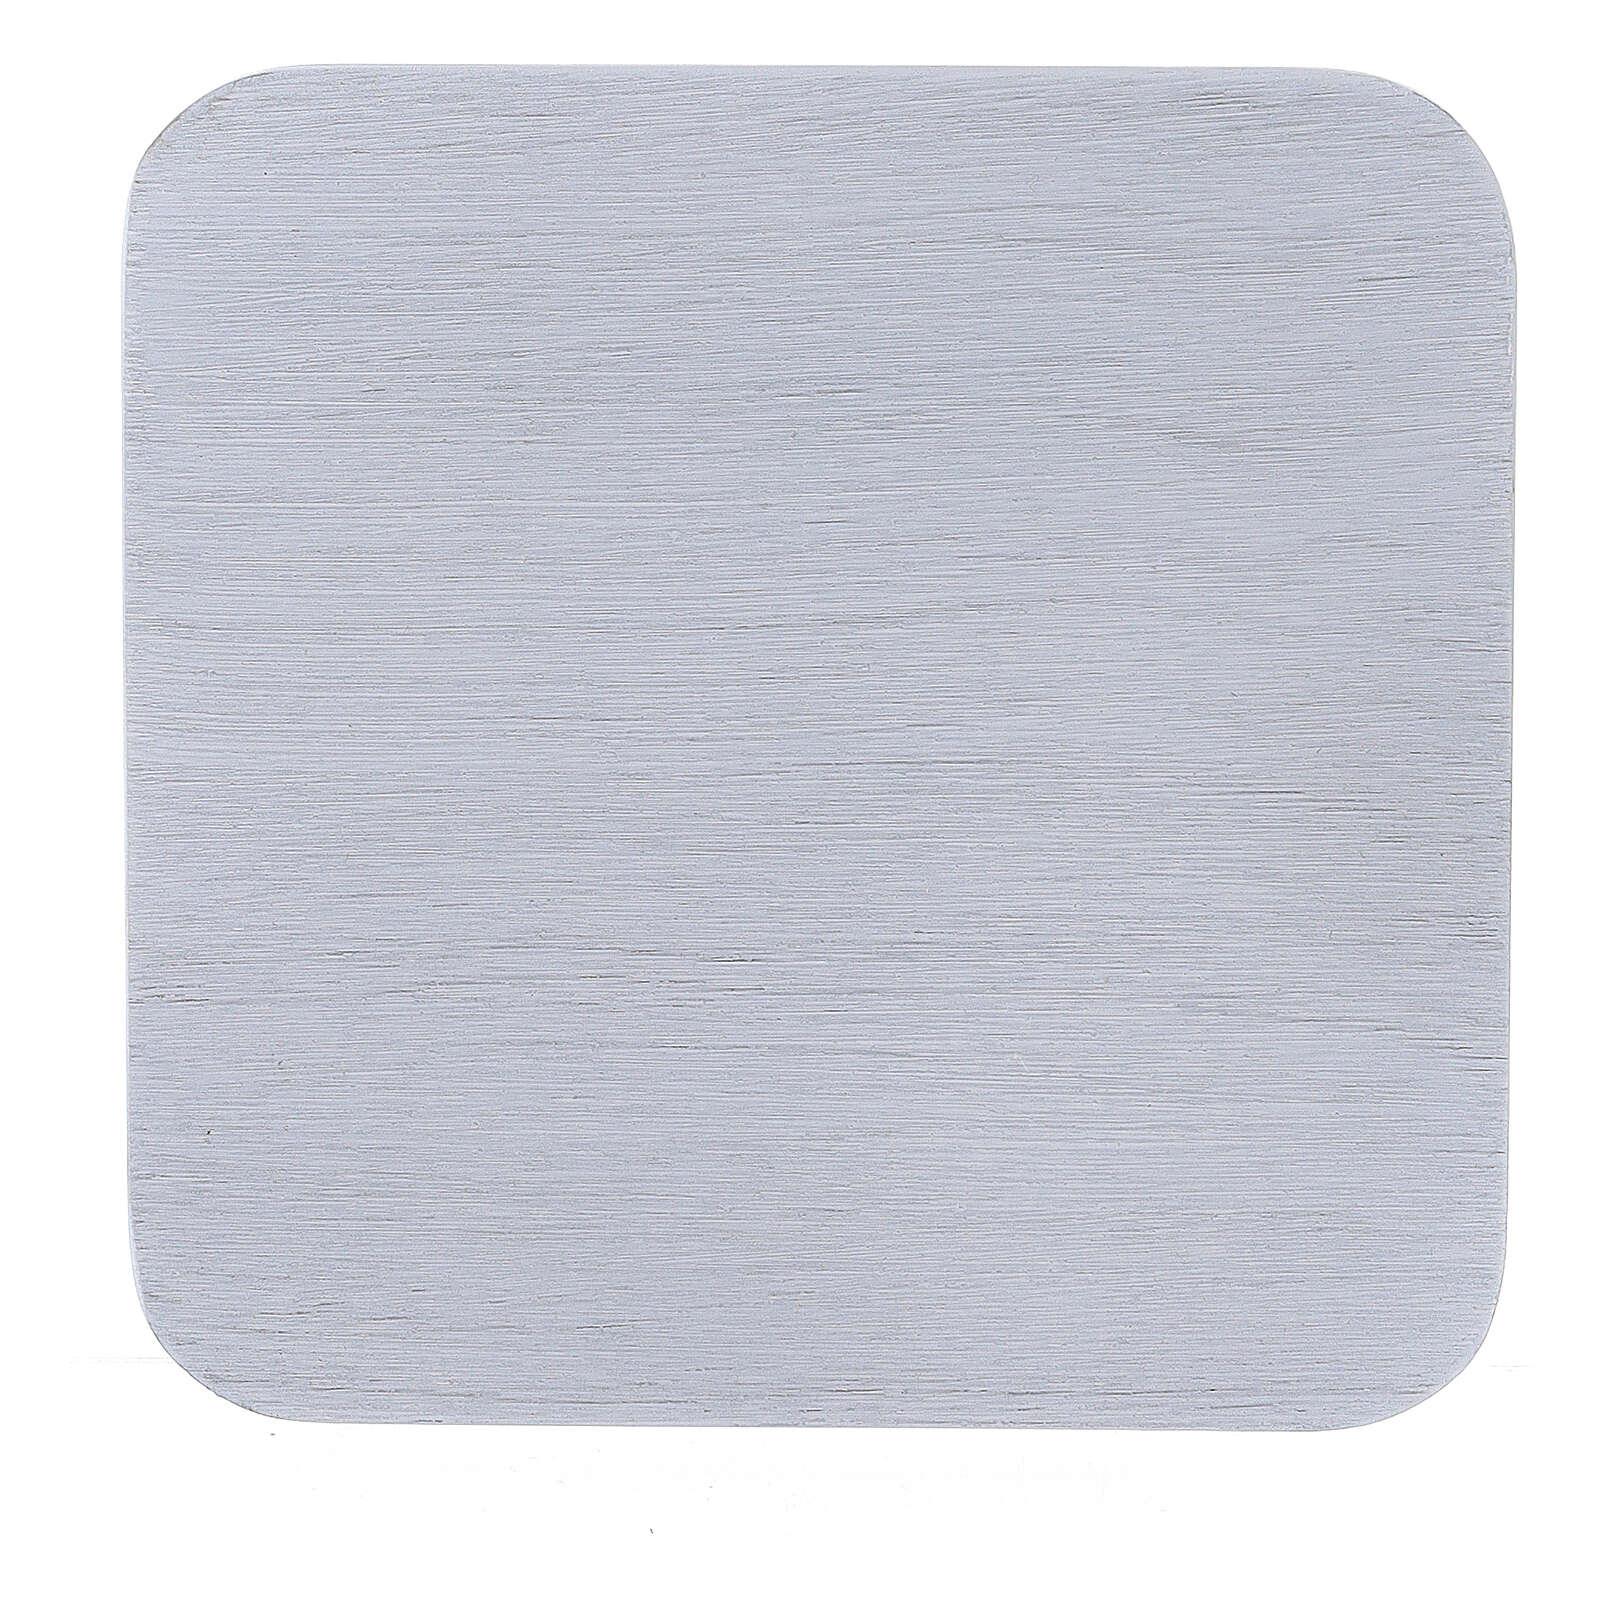 Piatto quadrato alluminio bianco spazzolato 10x10 cm 3